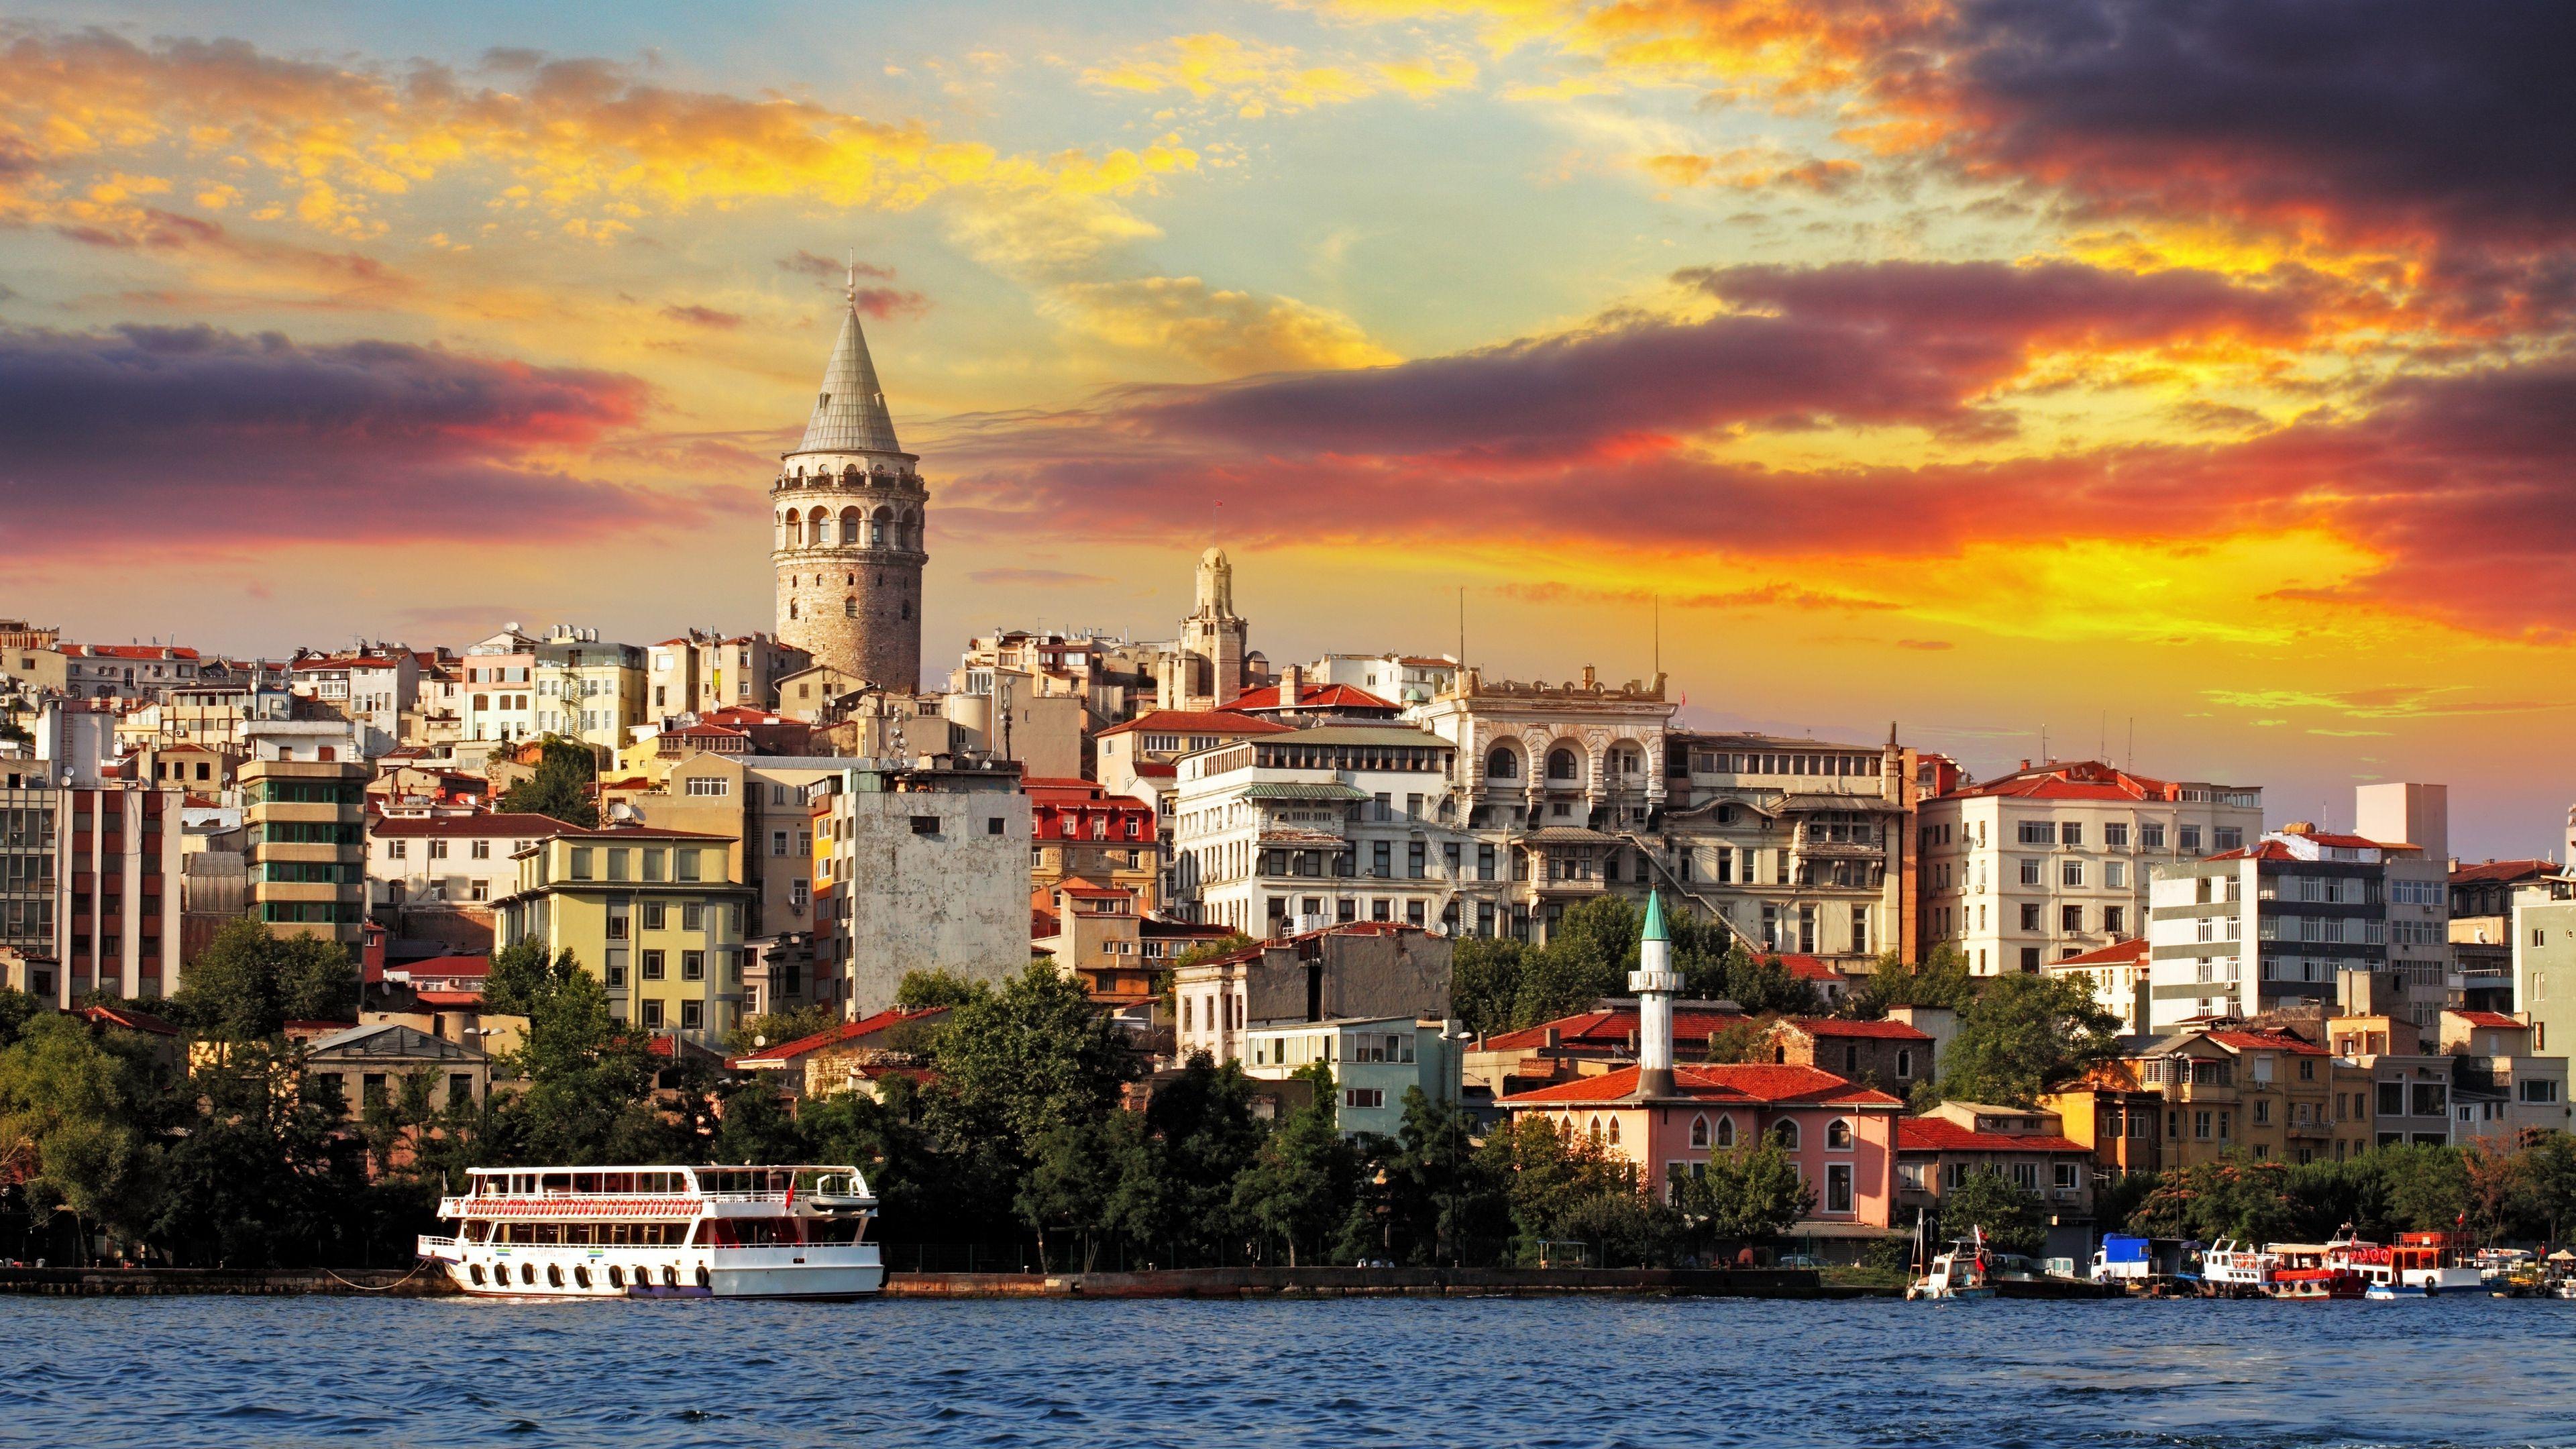 2560x1600px #808349 Istanbul Turkey (1435.59 KB) | 03.06.2015 | By ...